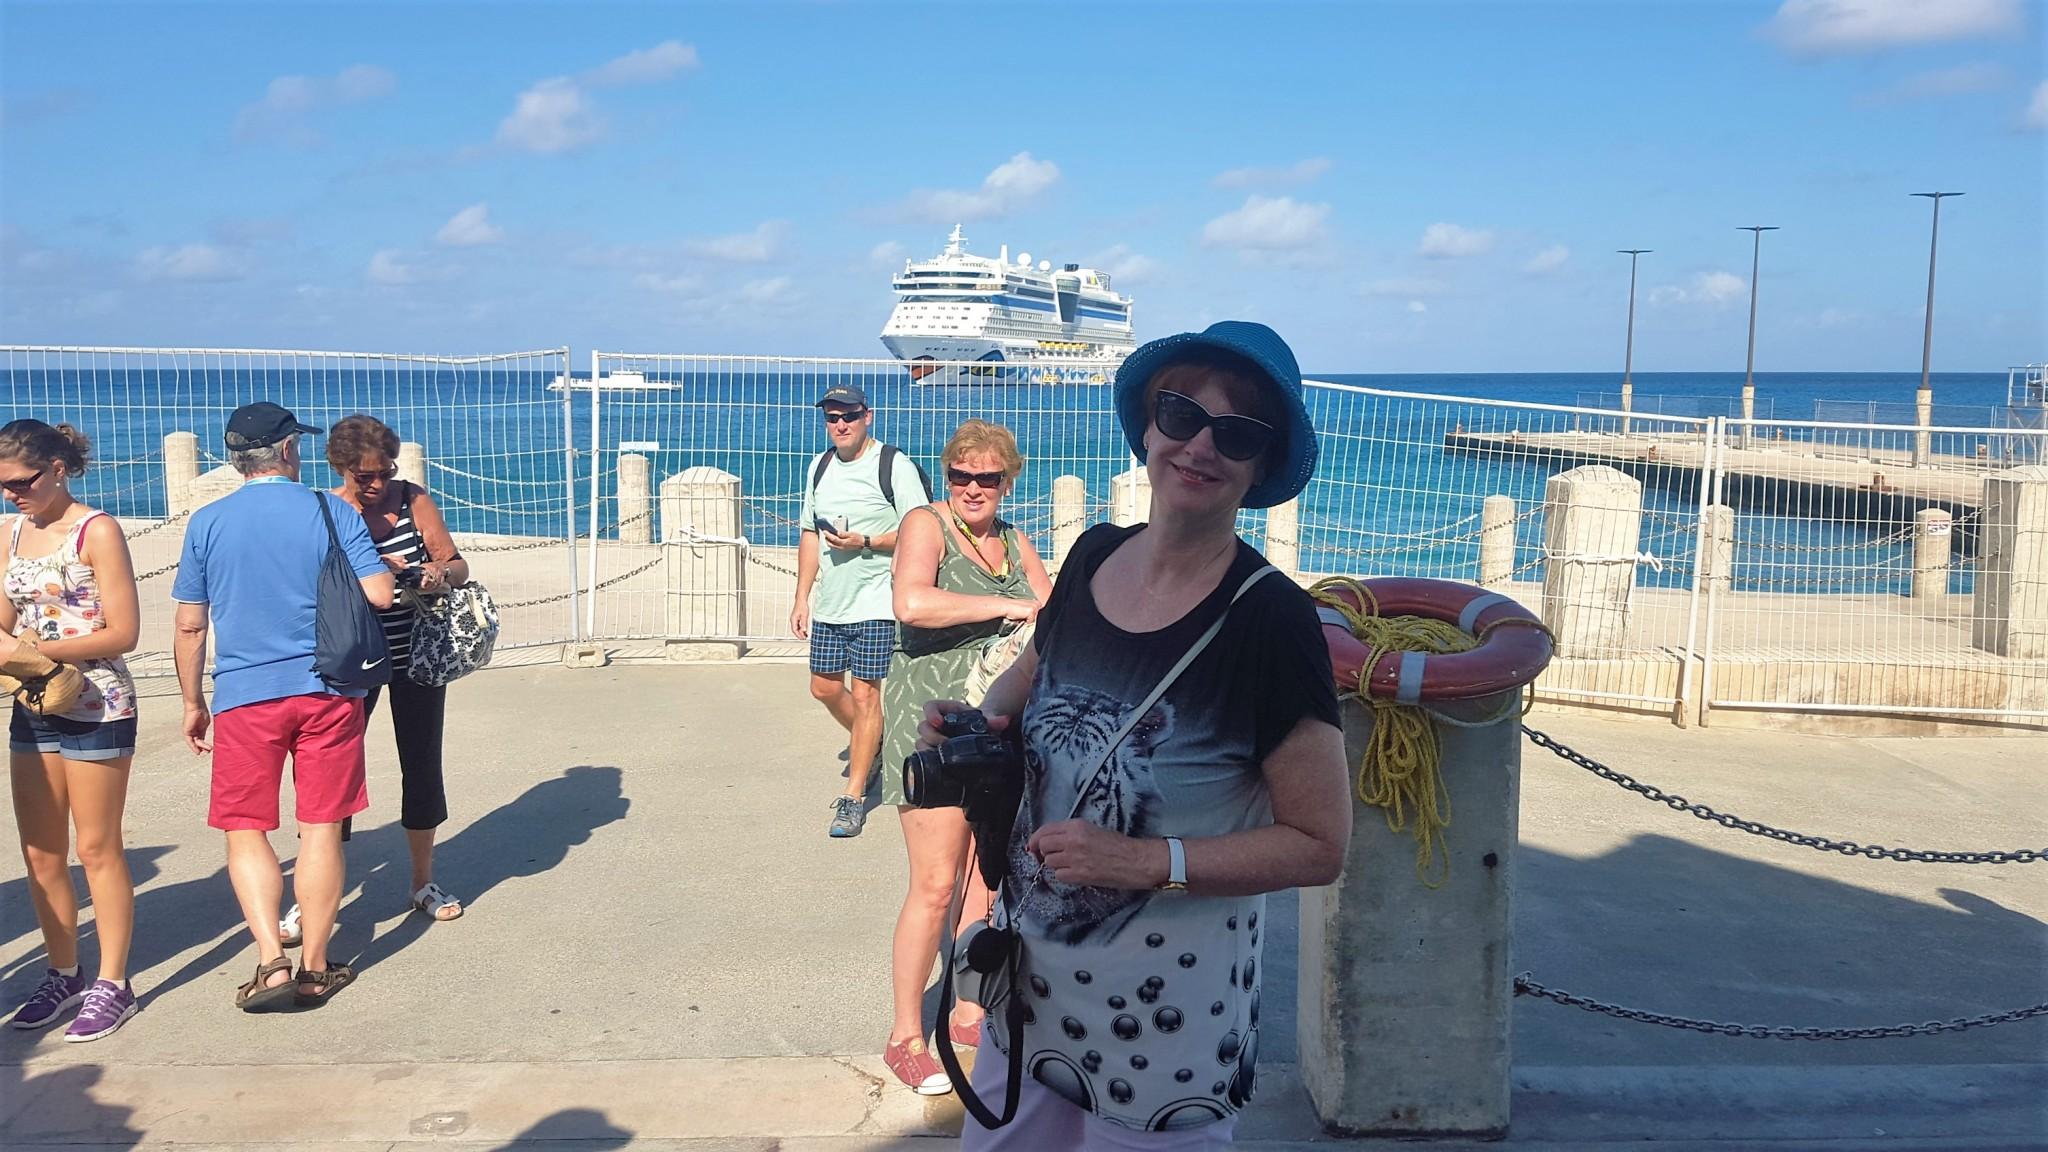 Gruppenreise Aida Karibik